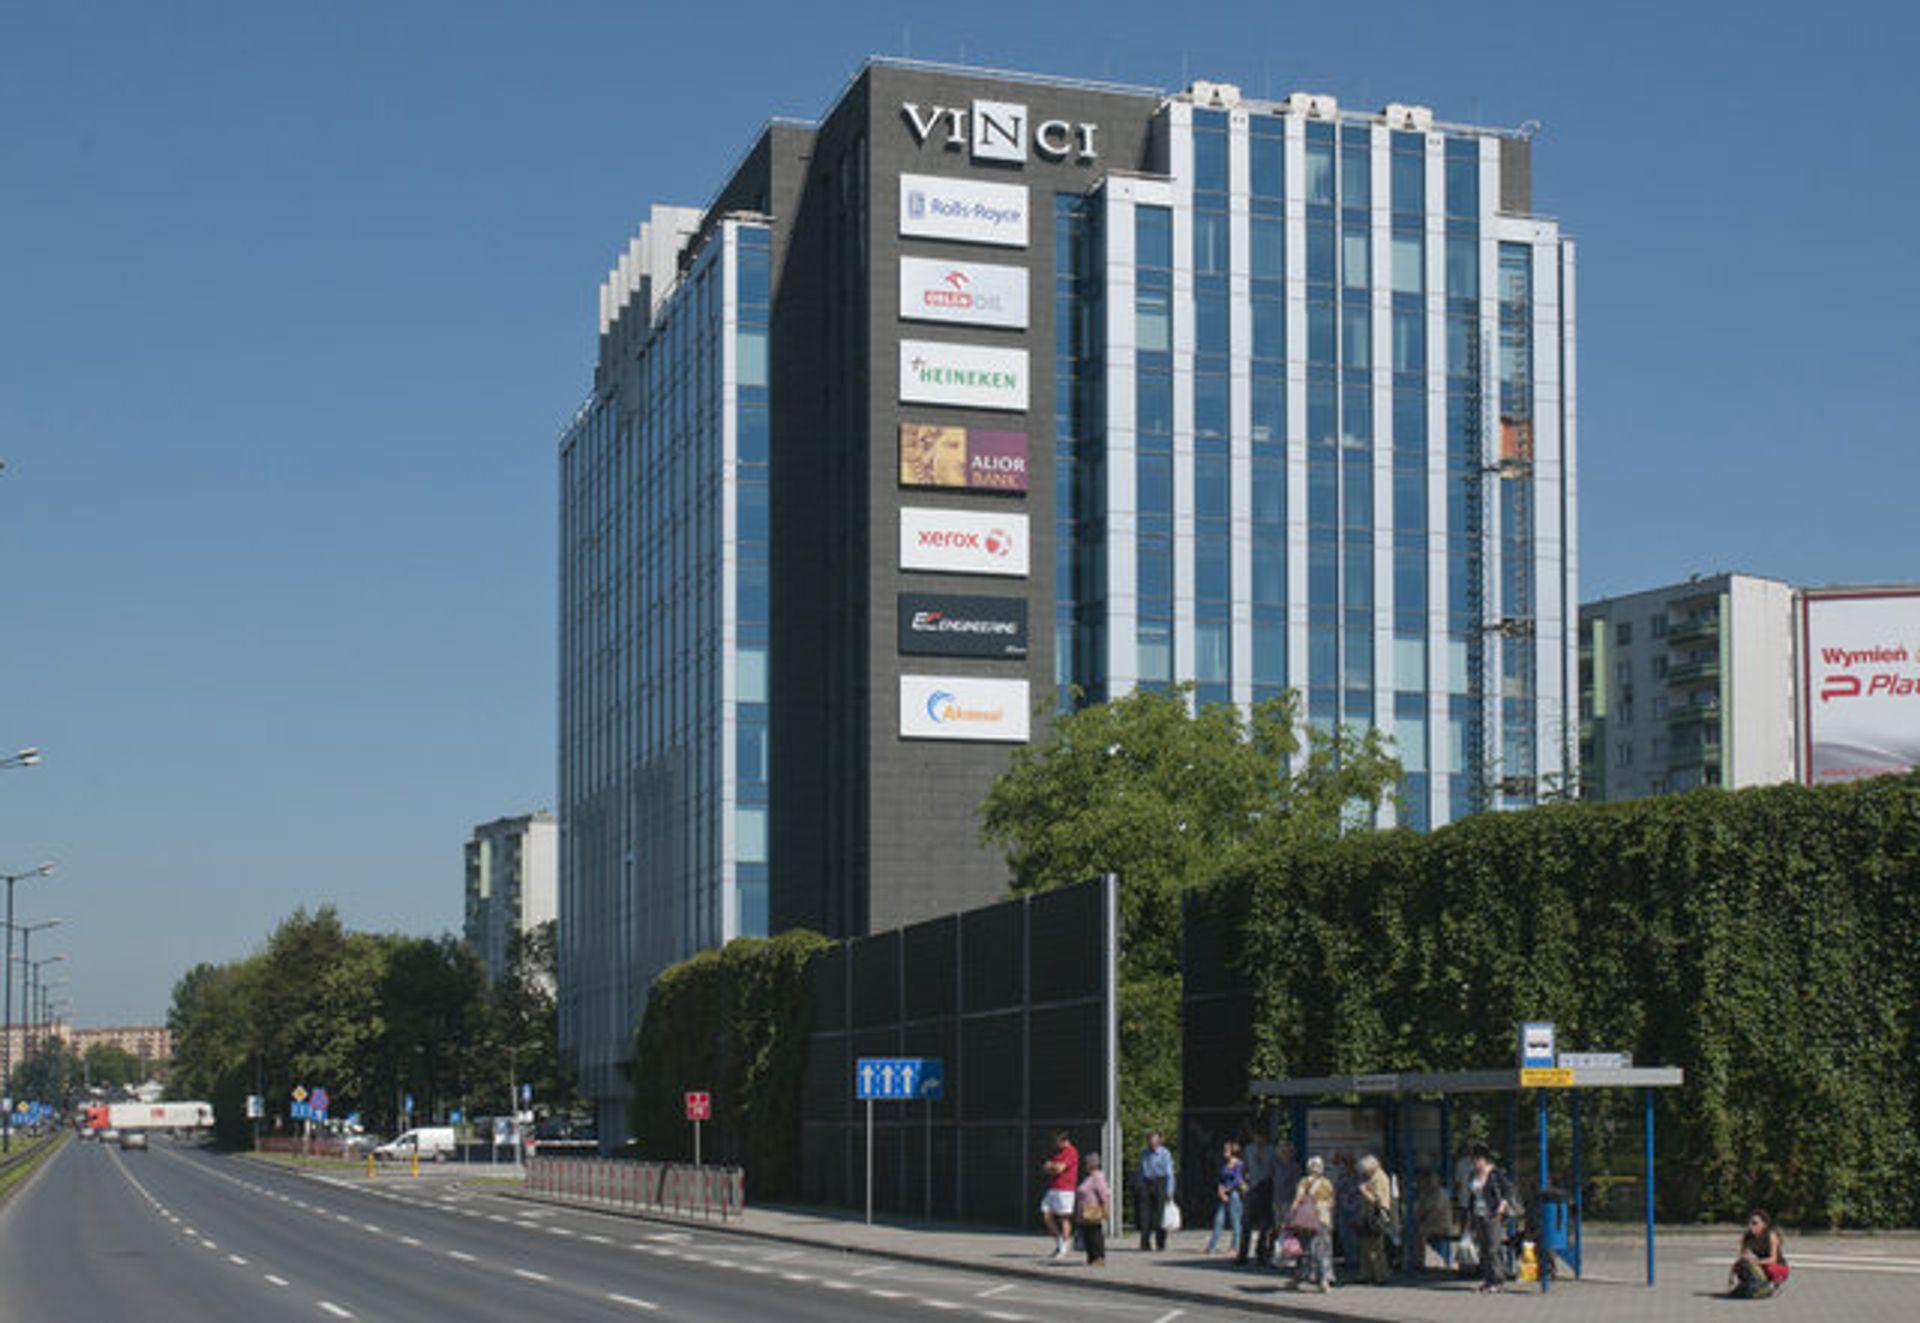 [Kraków] Akamai powiększa biuro w Vinci Office Center w Krakowie